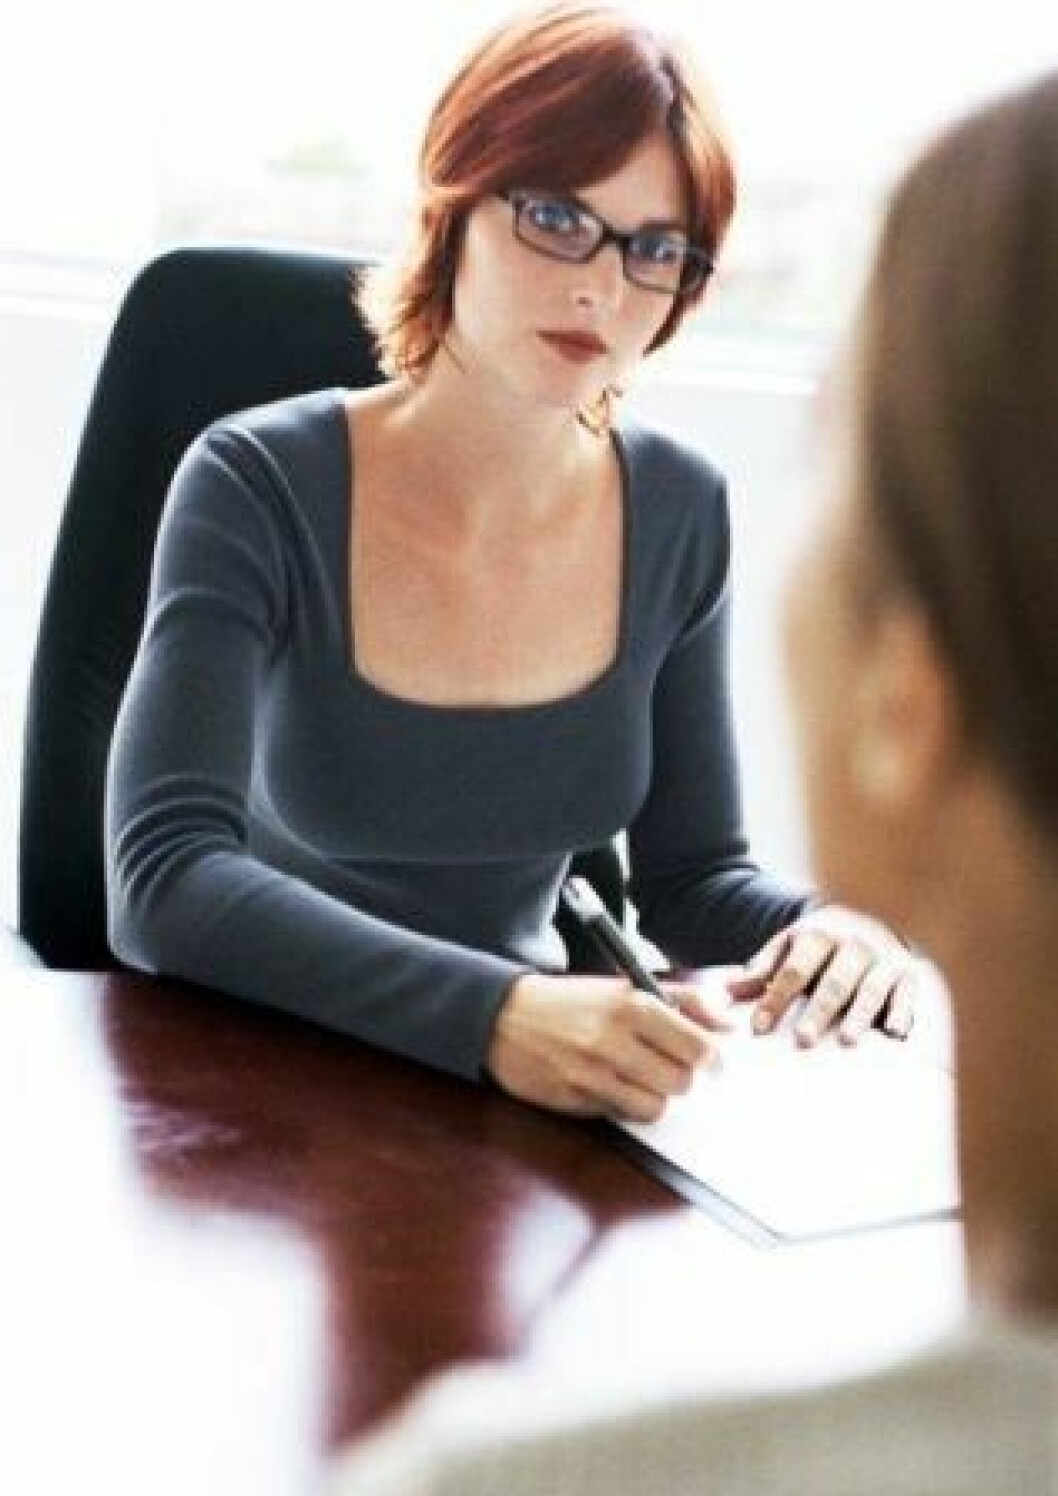 colourbox_kvinnelig sjef